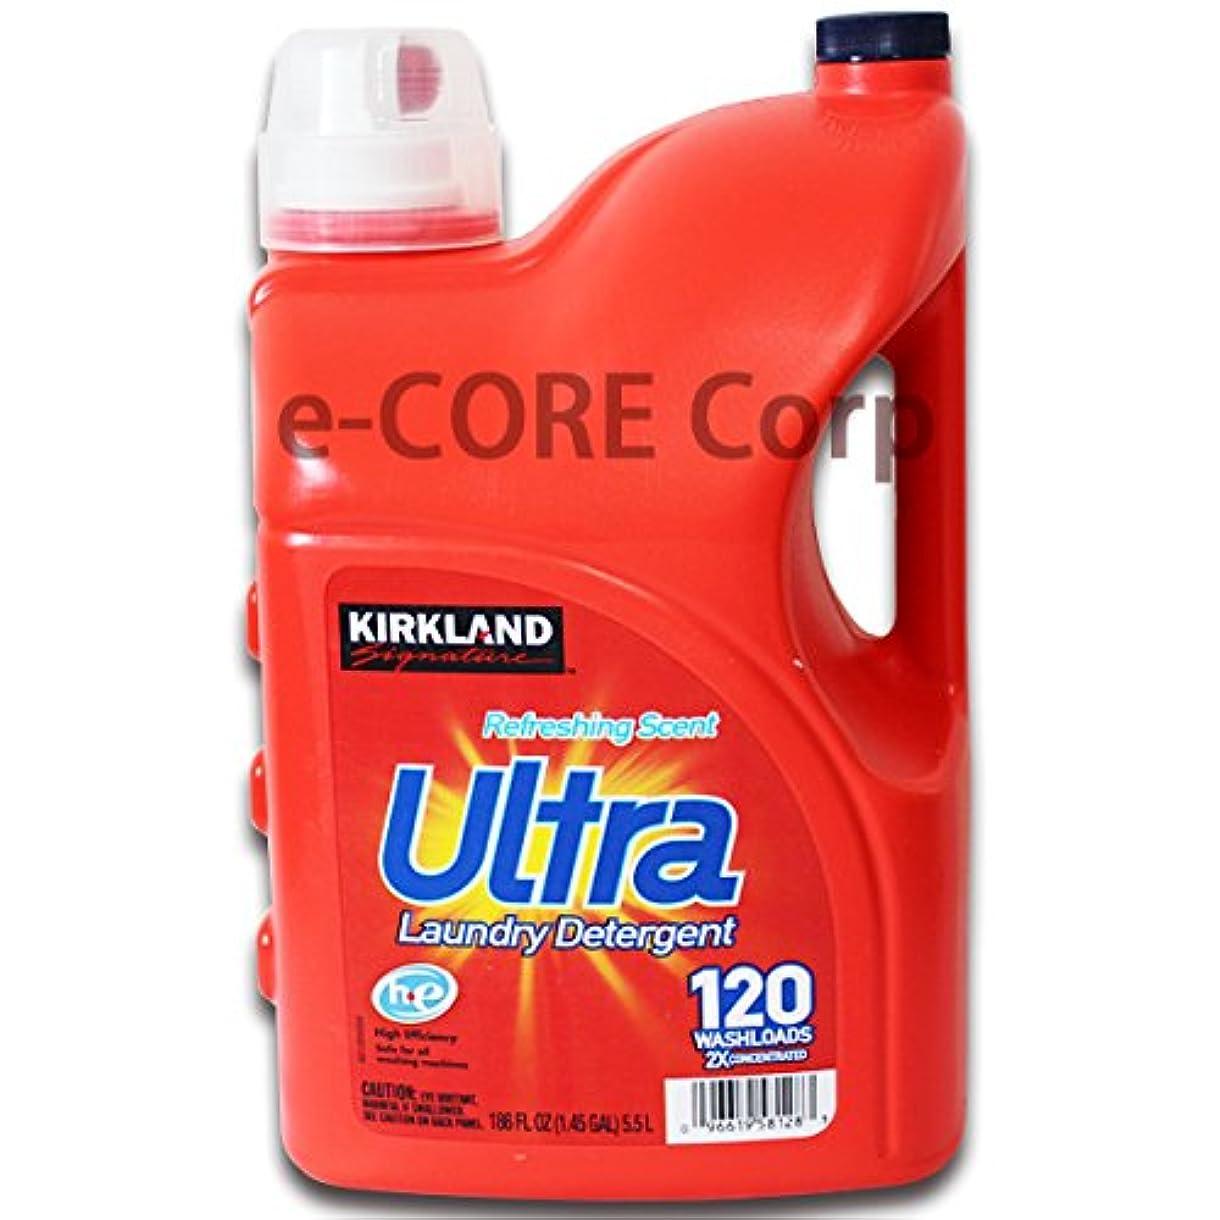 ものメイド人工的なKirkland Ultra カークランド ウルトラ 2X 液体洗濯洗剤 リフレッシングセント2倍濃縮 5.5L 約120回分